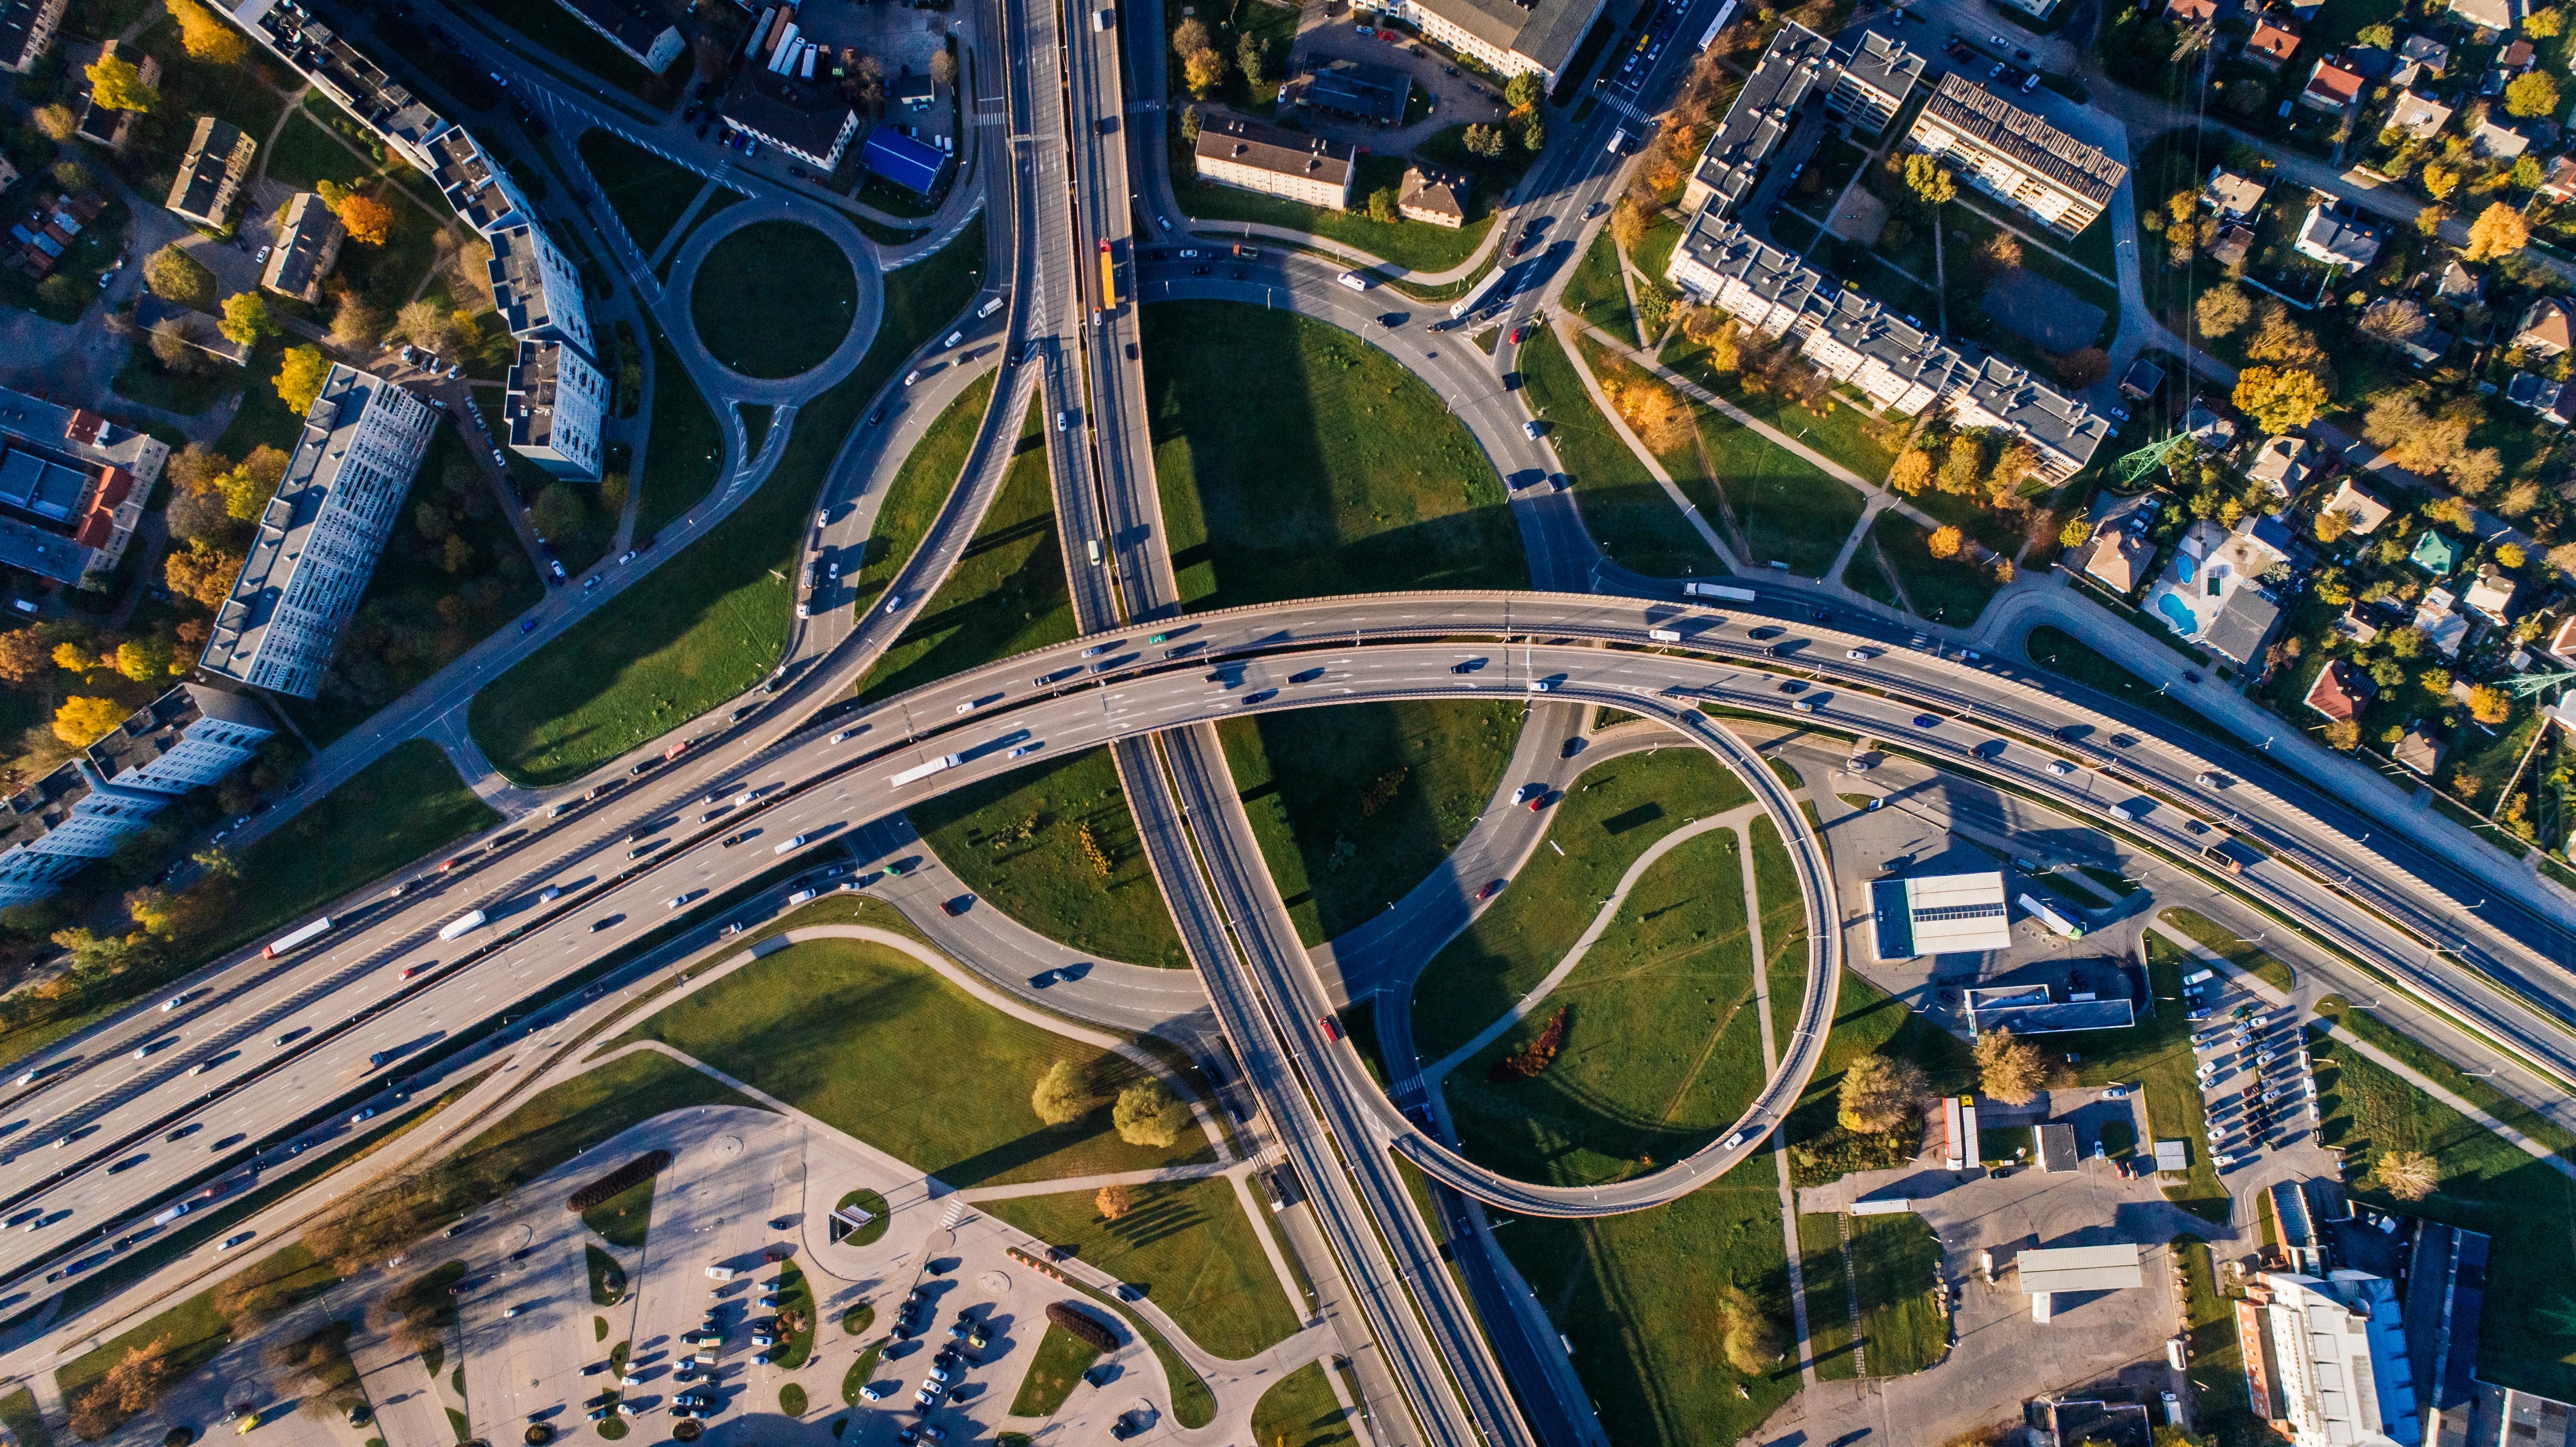 aerial-view-architecture-buildings-681335 Pixels